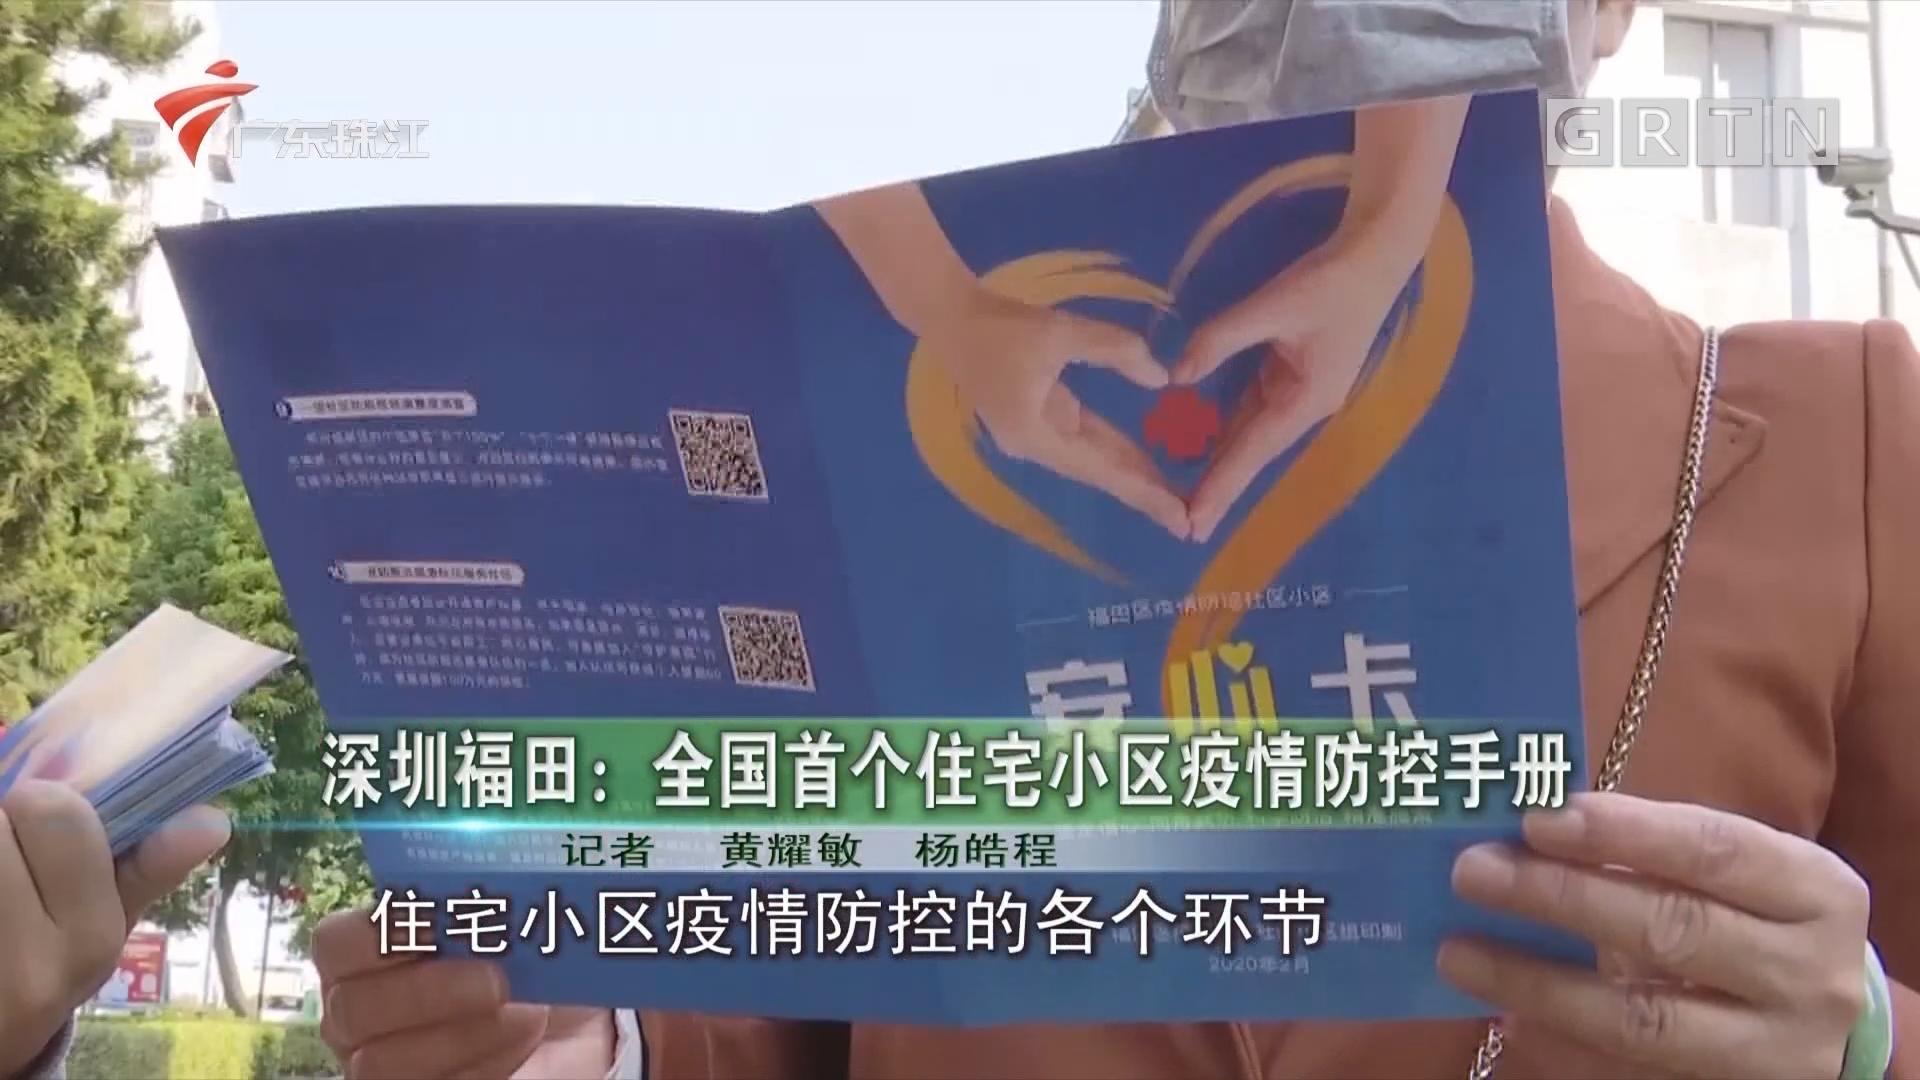 深圳福田:全國首個住宅小區疫情防控手冊